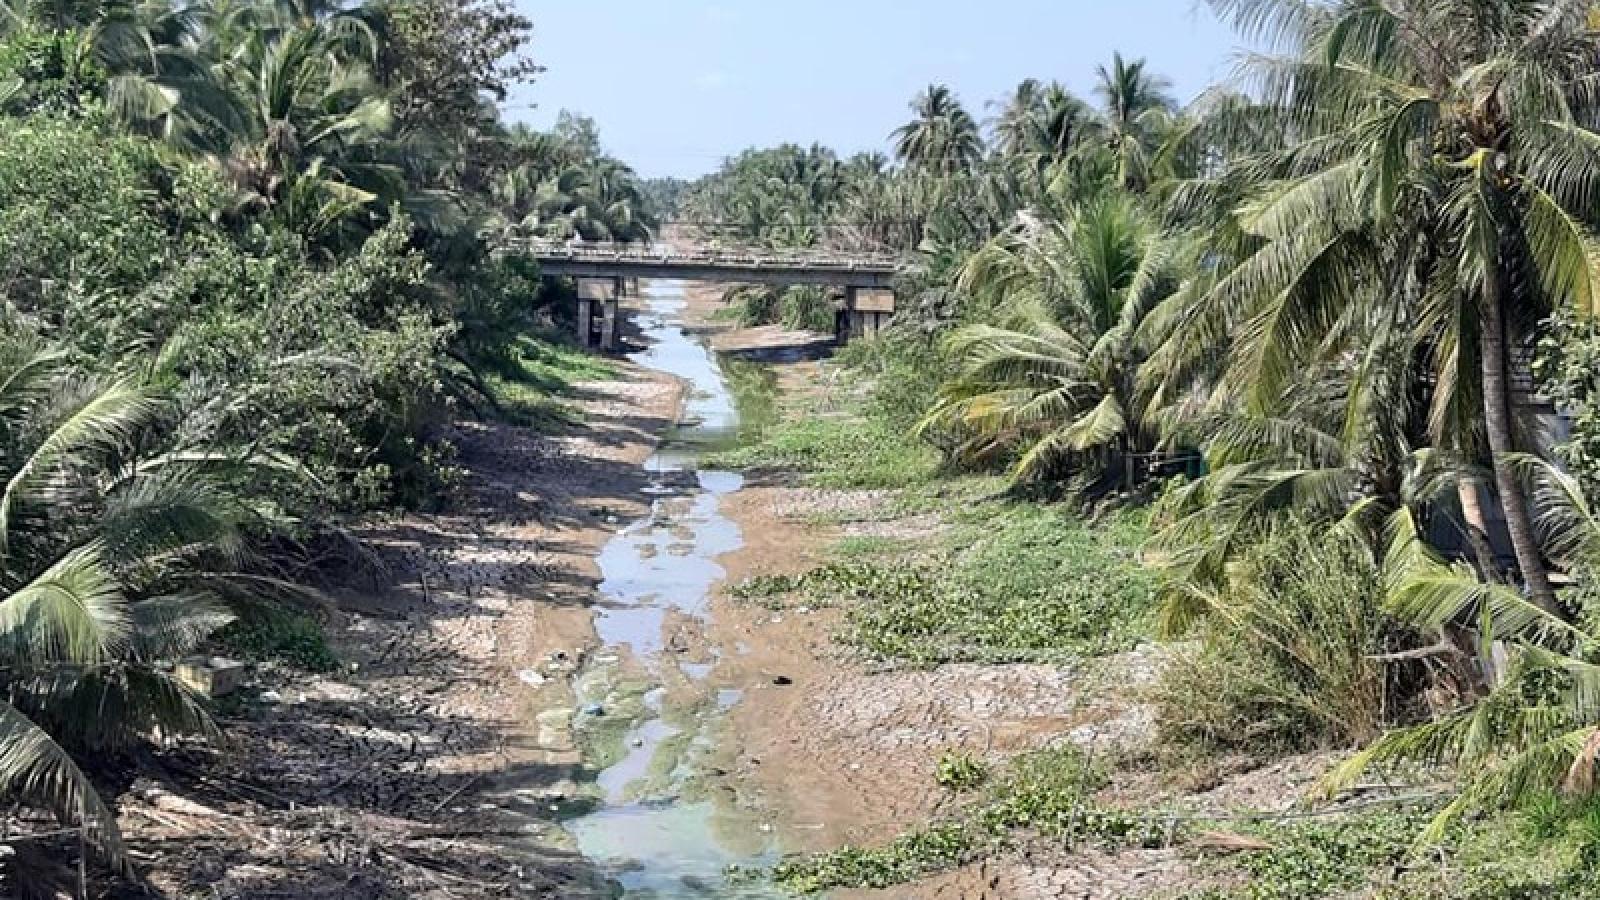 Hơn 13,4km kênh thủy lợi ở Tiền Giang bị sạt lở mùa khô hạn